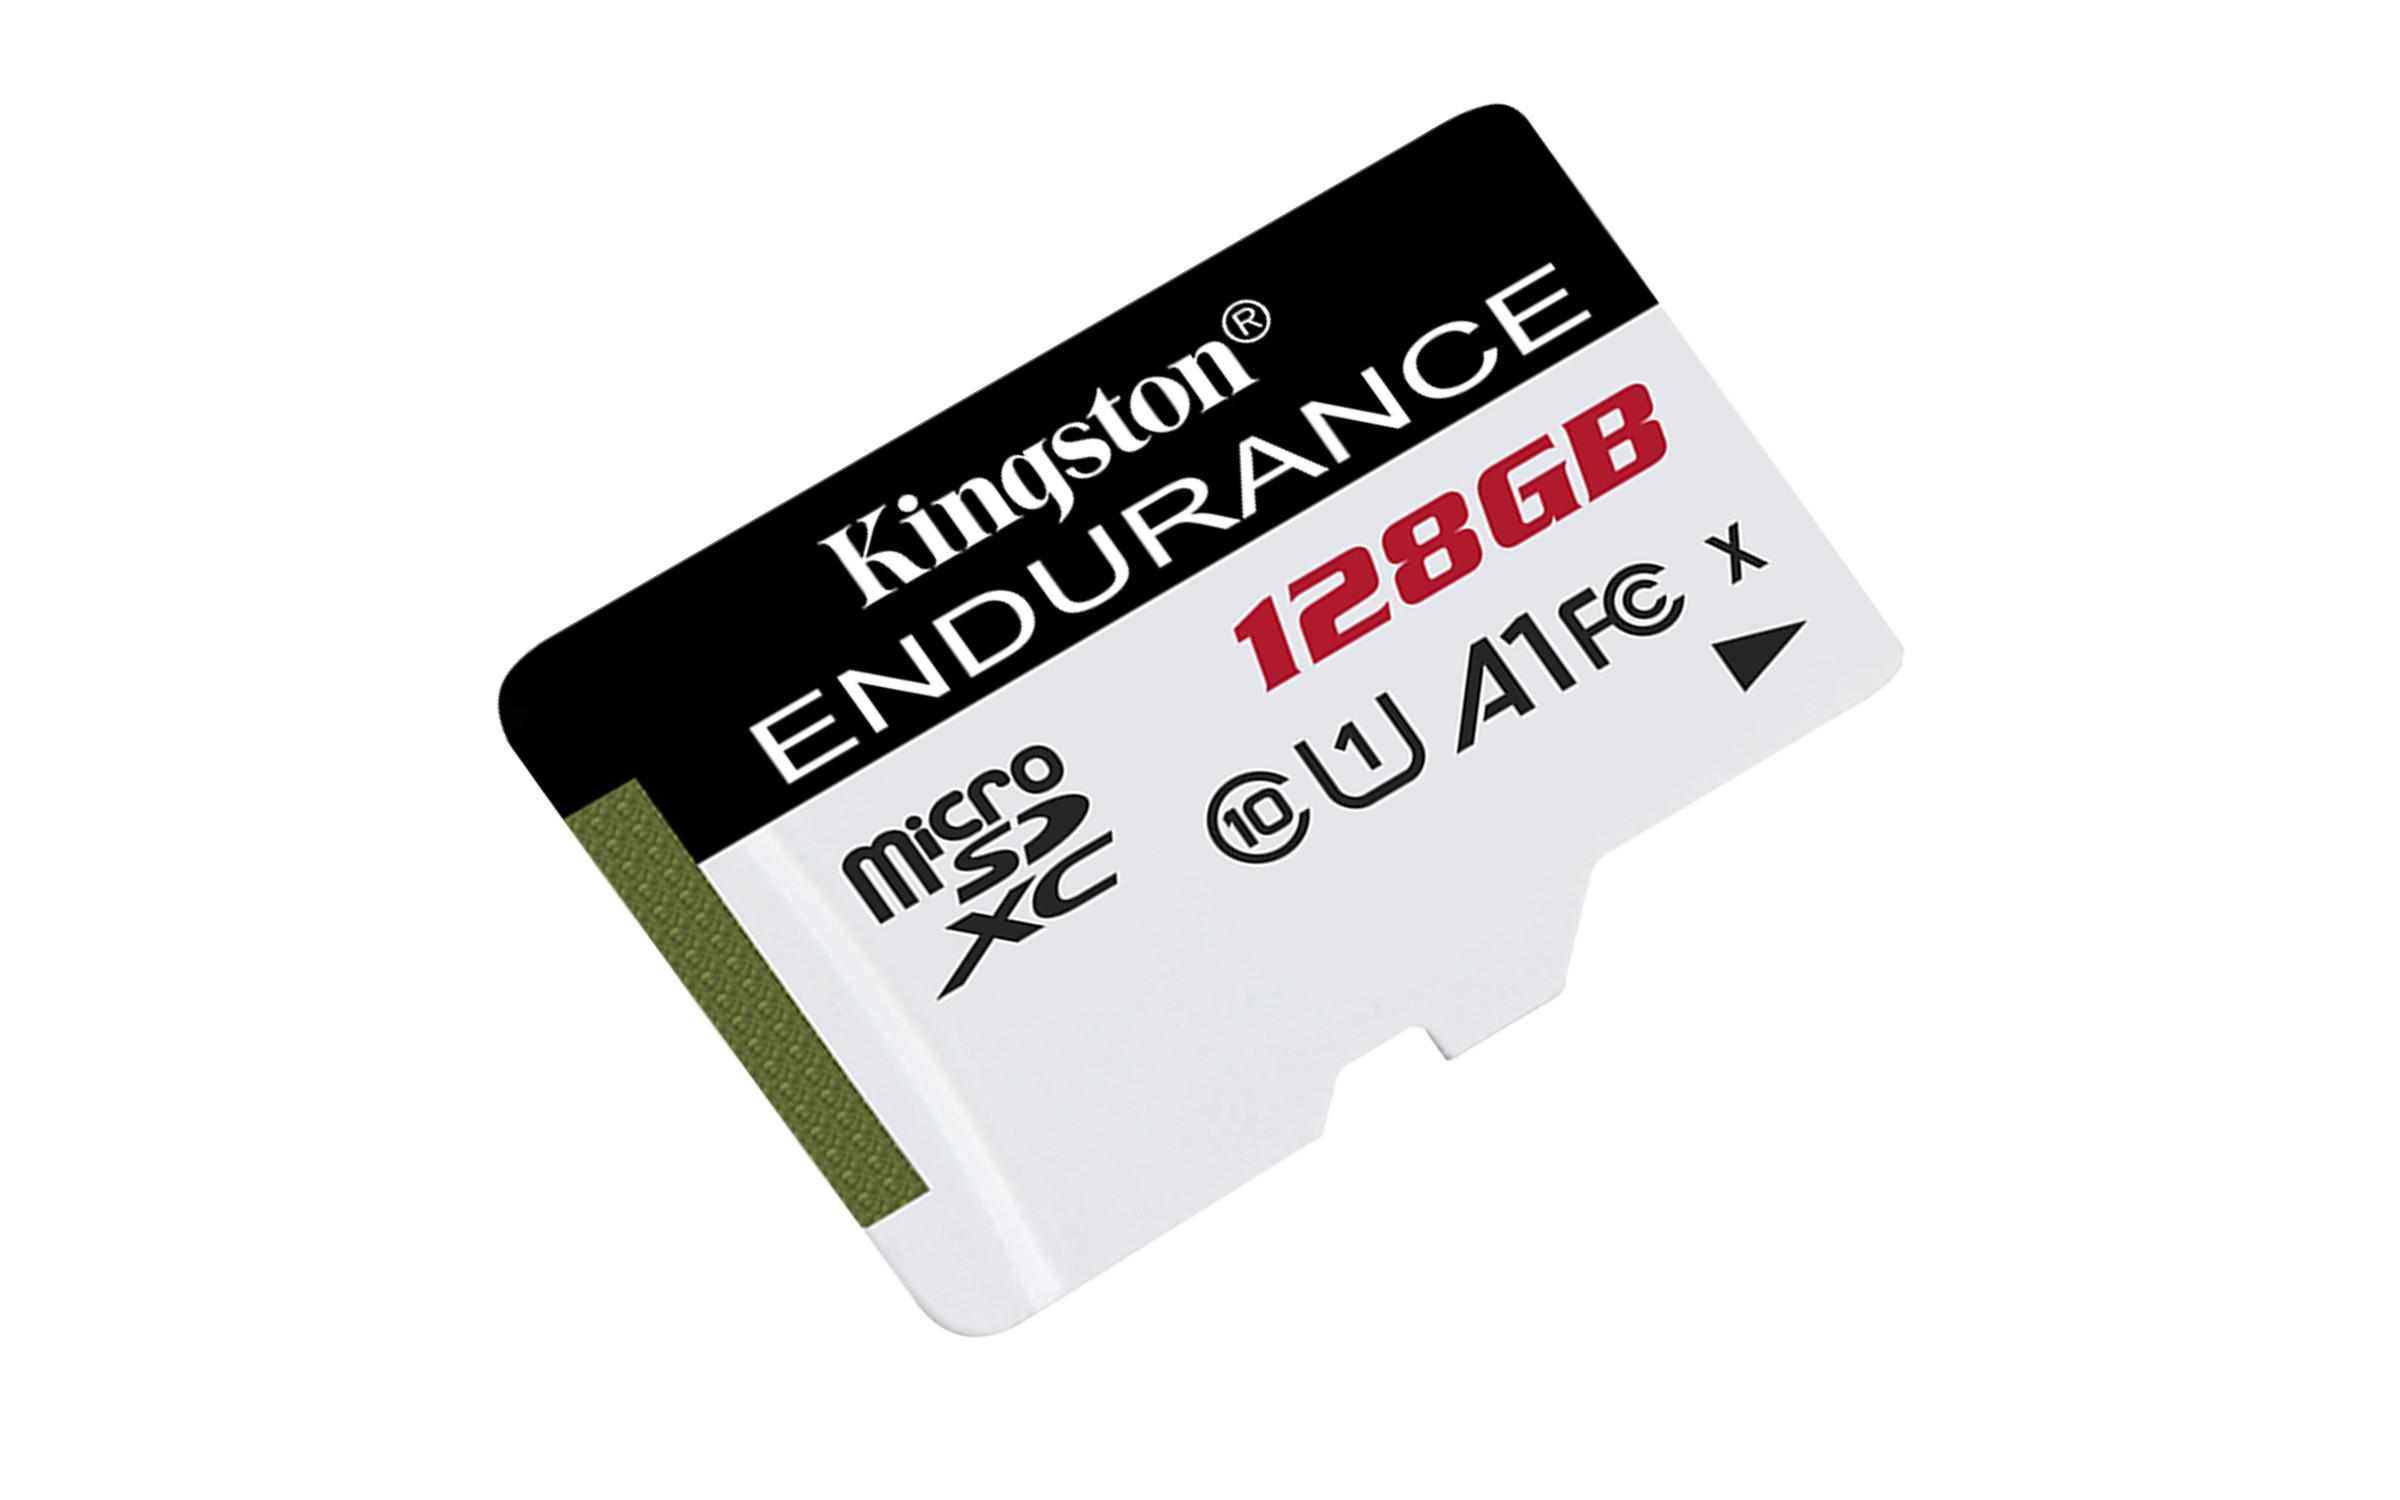 Kingston Digital představil nové odolné microSD karty High Endurance